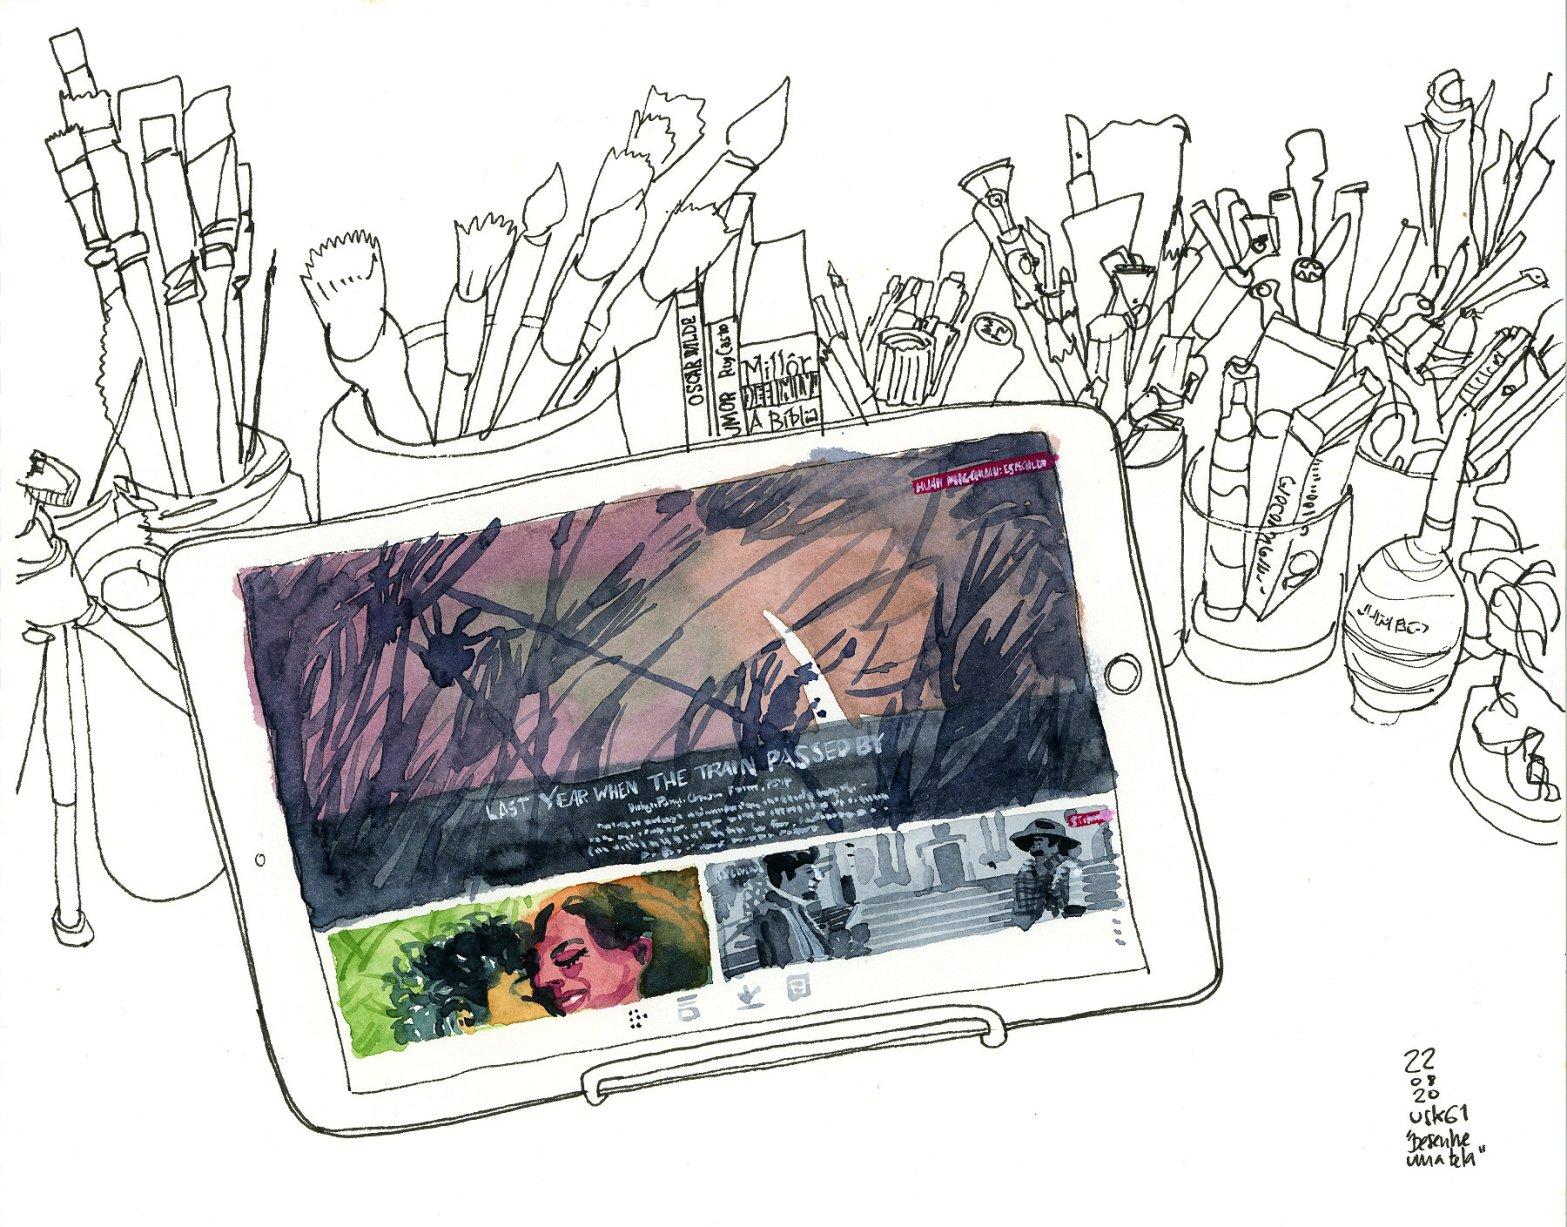 Desenho mostrando um tablet em primeiro plano com vários materiais de desenho ao fundo. Só a tela do tablet é colorida